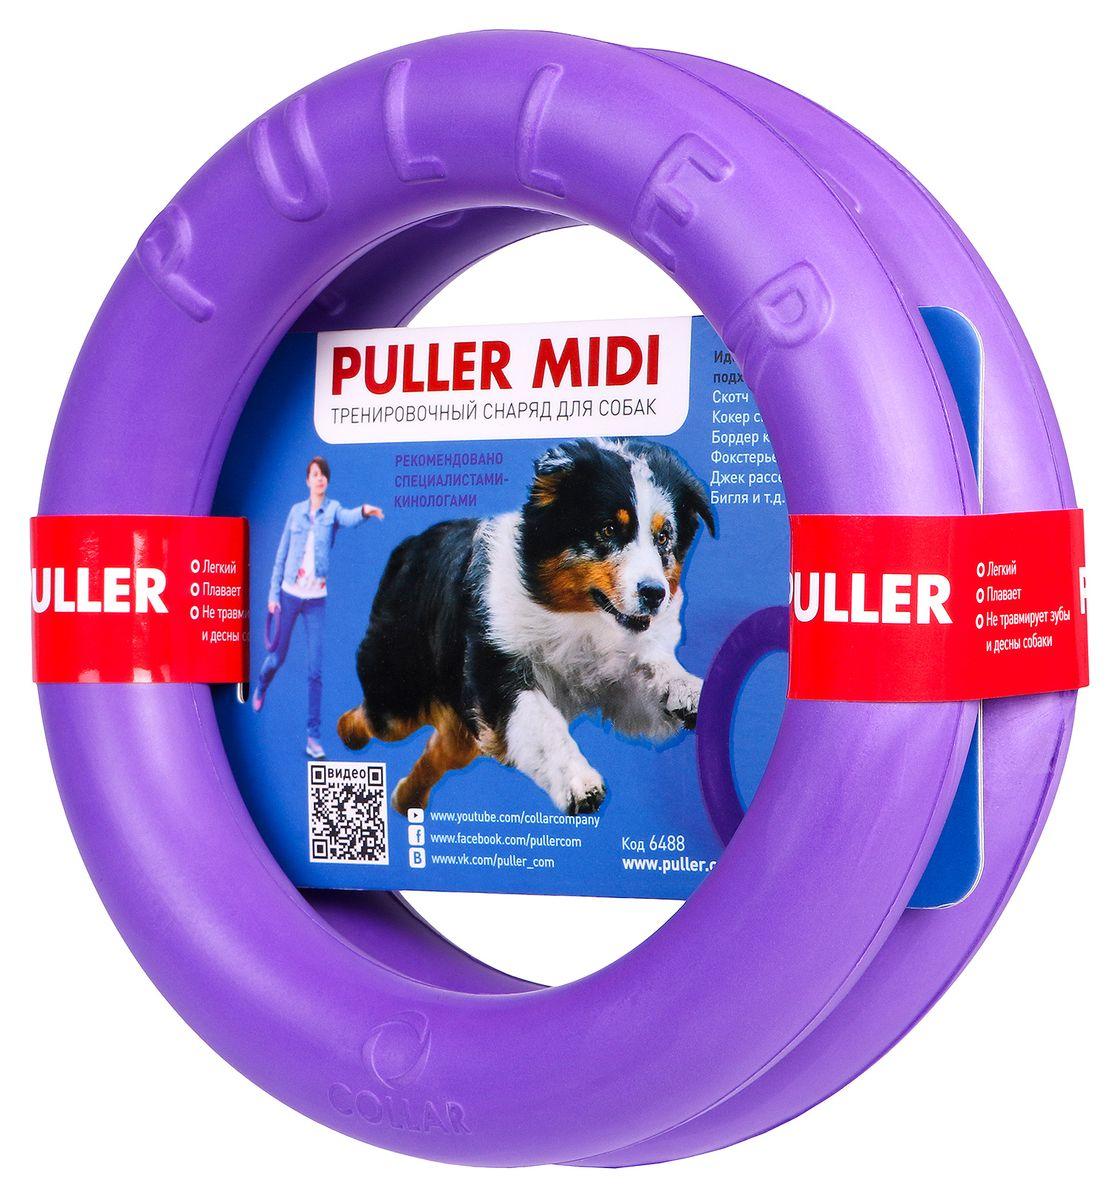 Тренировочный снаряд Puller Midi, диаметр: 20 см, цвет: фиолетовый6488ПУЛЛЕР предназначен для средних и крупных пород собак. Уникальный помощник в решении проблем с собакой. Способен дать собаке необходимую нагрузку за короткое время. При этом владельцу собаки не нужно будет тратить много времени на выгул и тренировку собаки. Всего 3 простых упражнения, в течении 20 минут дадут собаке нагрузку равную 5 км бега в интенсивном режиме или 2-х часовому занятию с инструктором на площадке. Комплект состоит из двух колец.